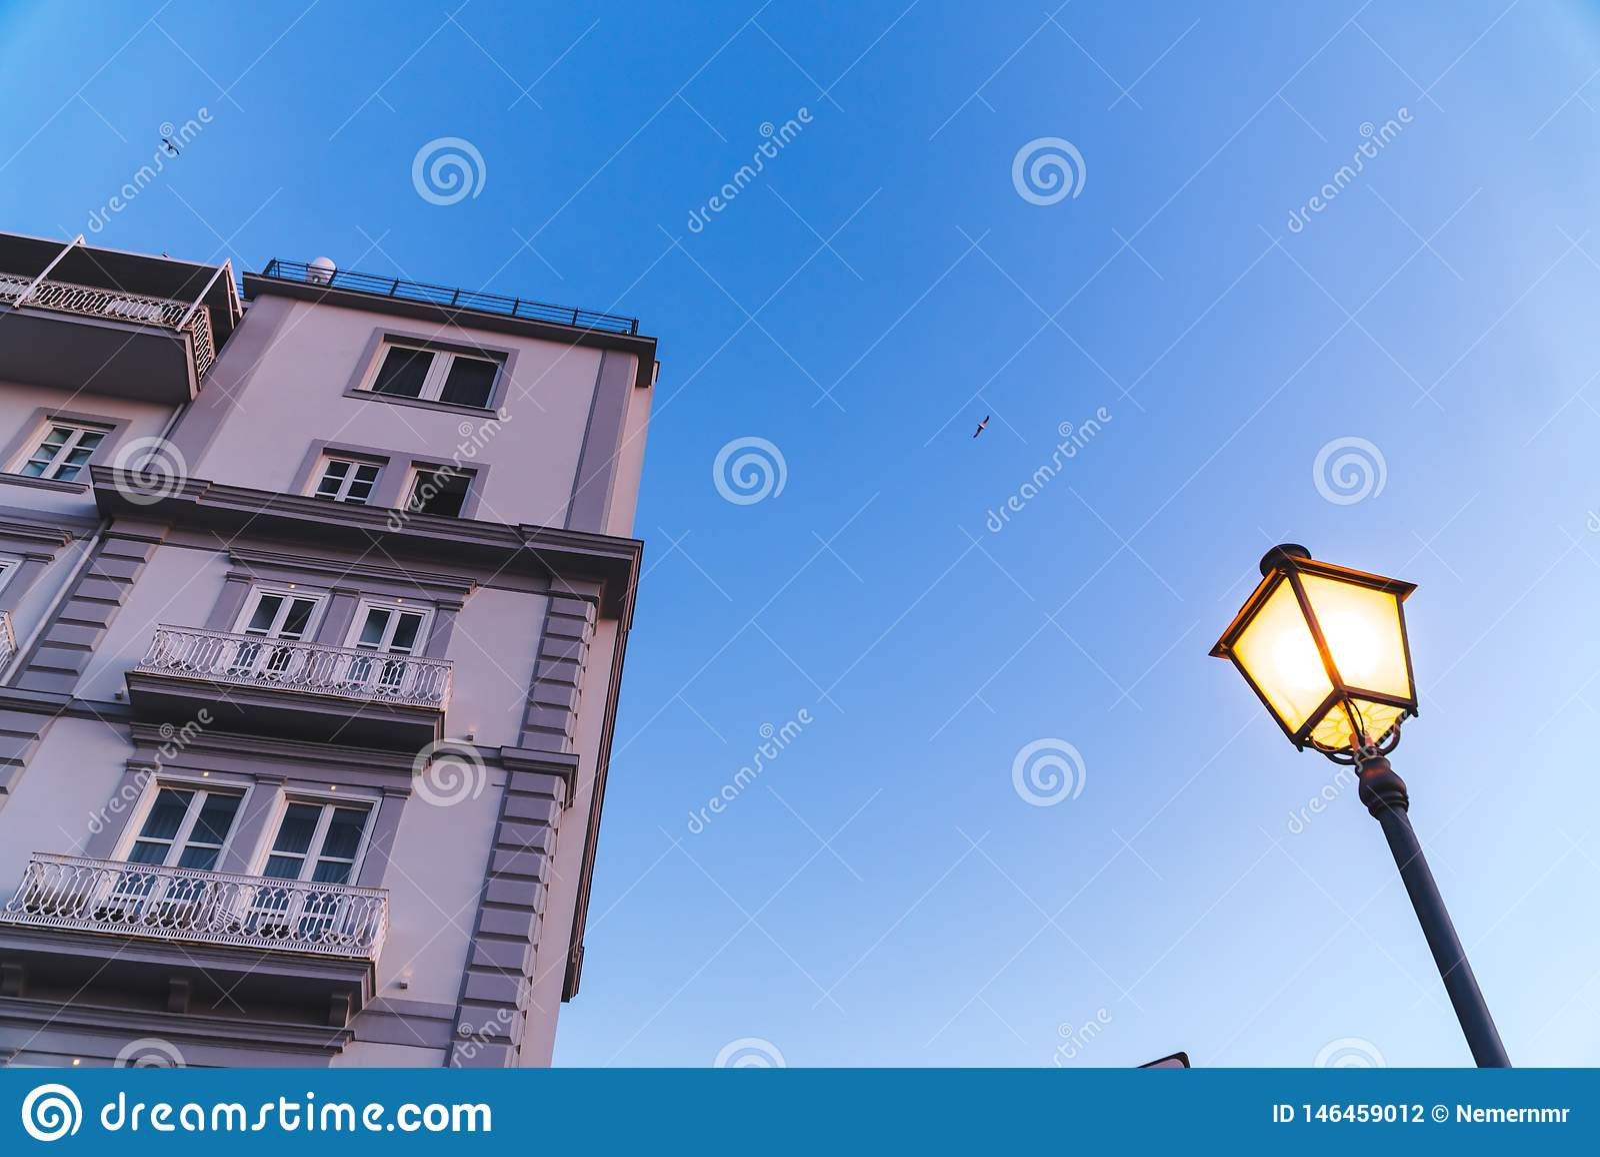 Oude Italiaanse flatgebouwen op een zonsondergang met een blauwe hemel en een straatlantaarn Voorgevel van flatgebouw, hotels, he